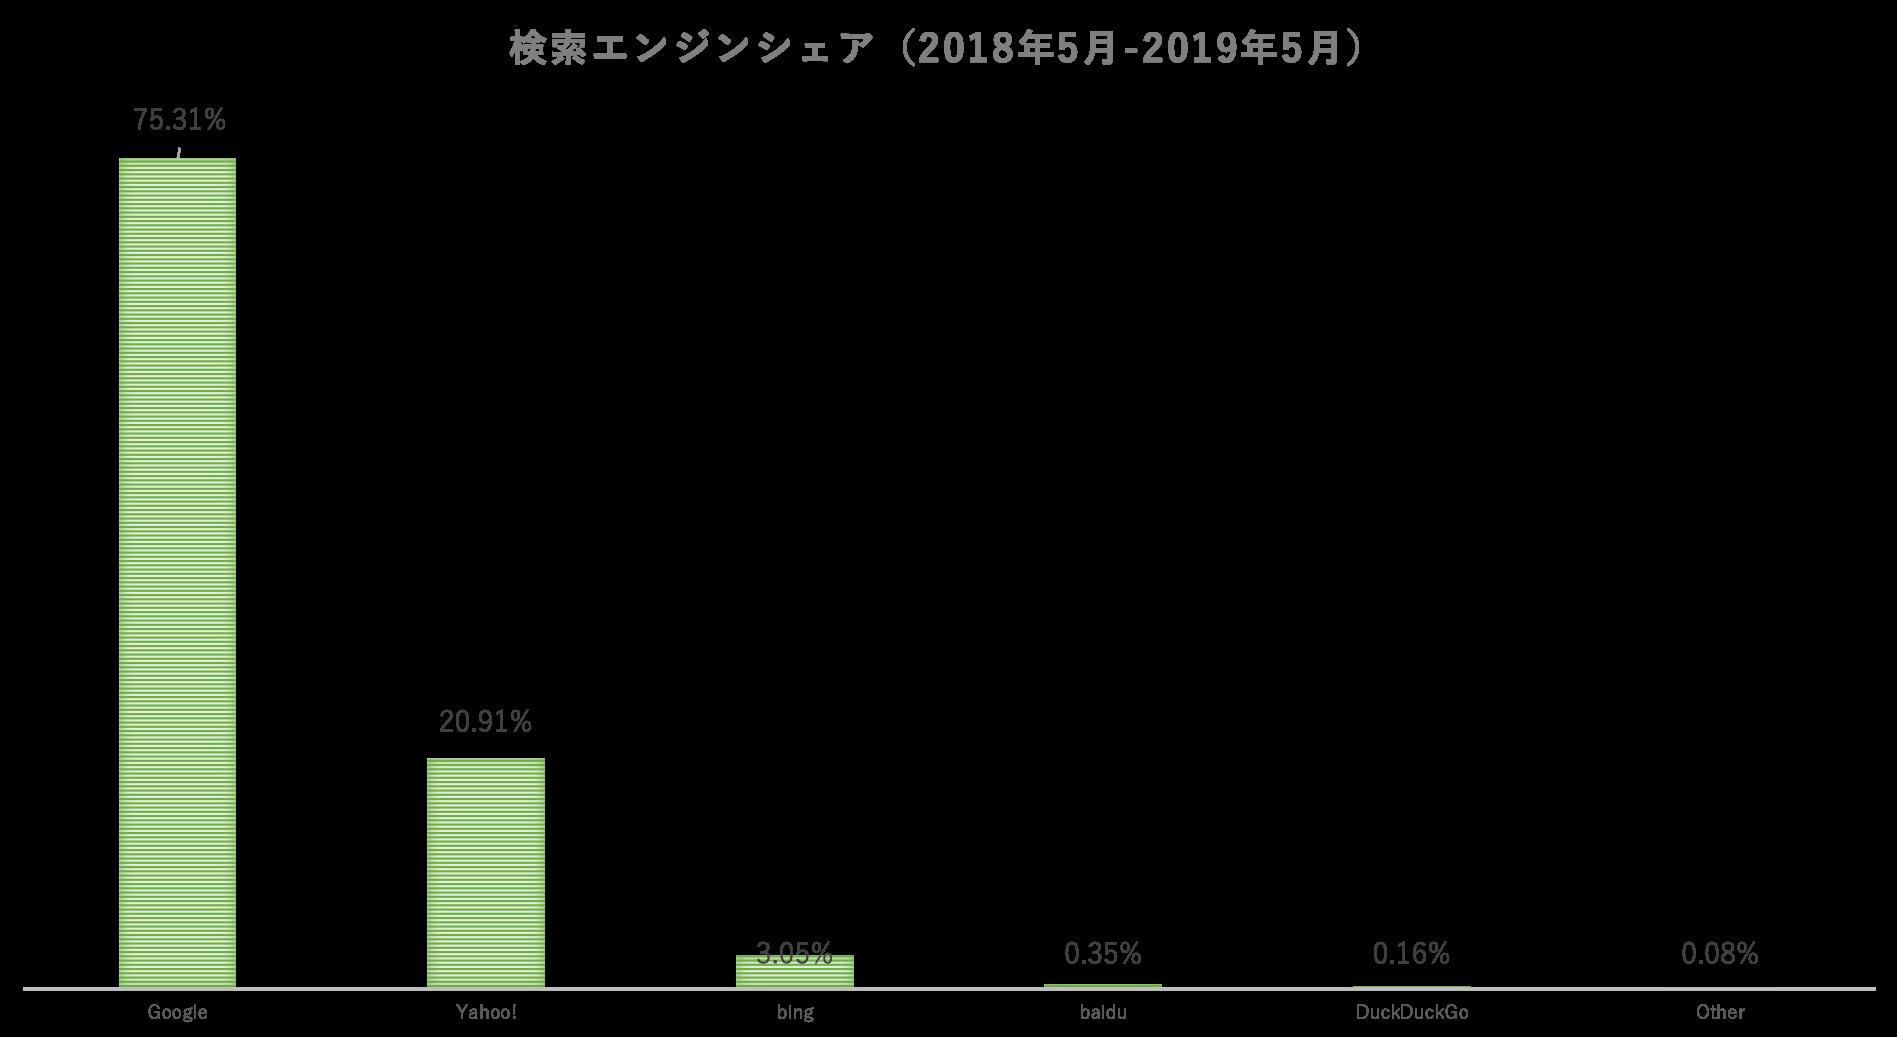 検索エンジンシェア(2018年5月-2019年5月)